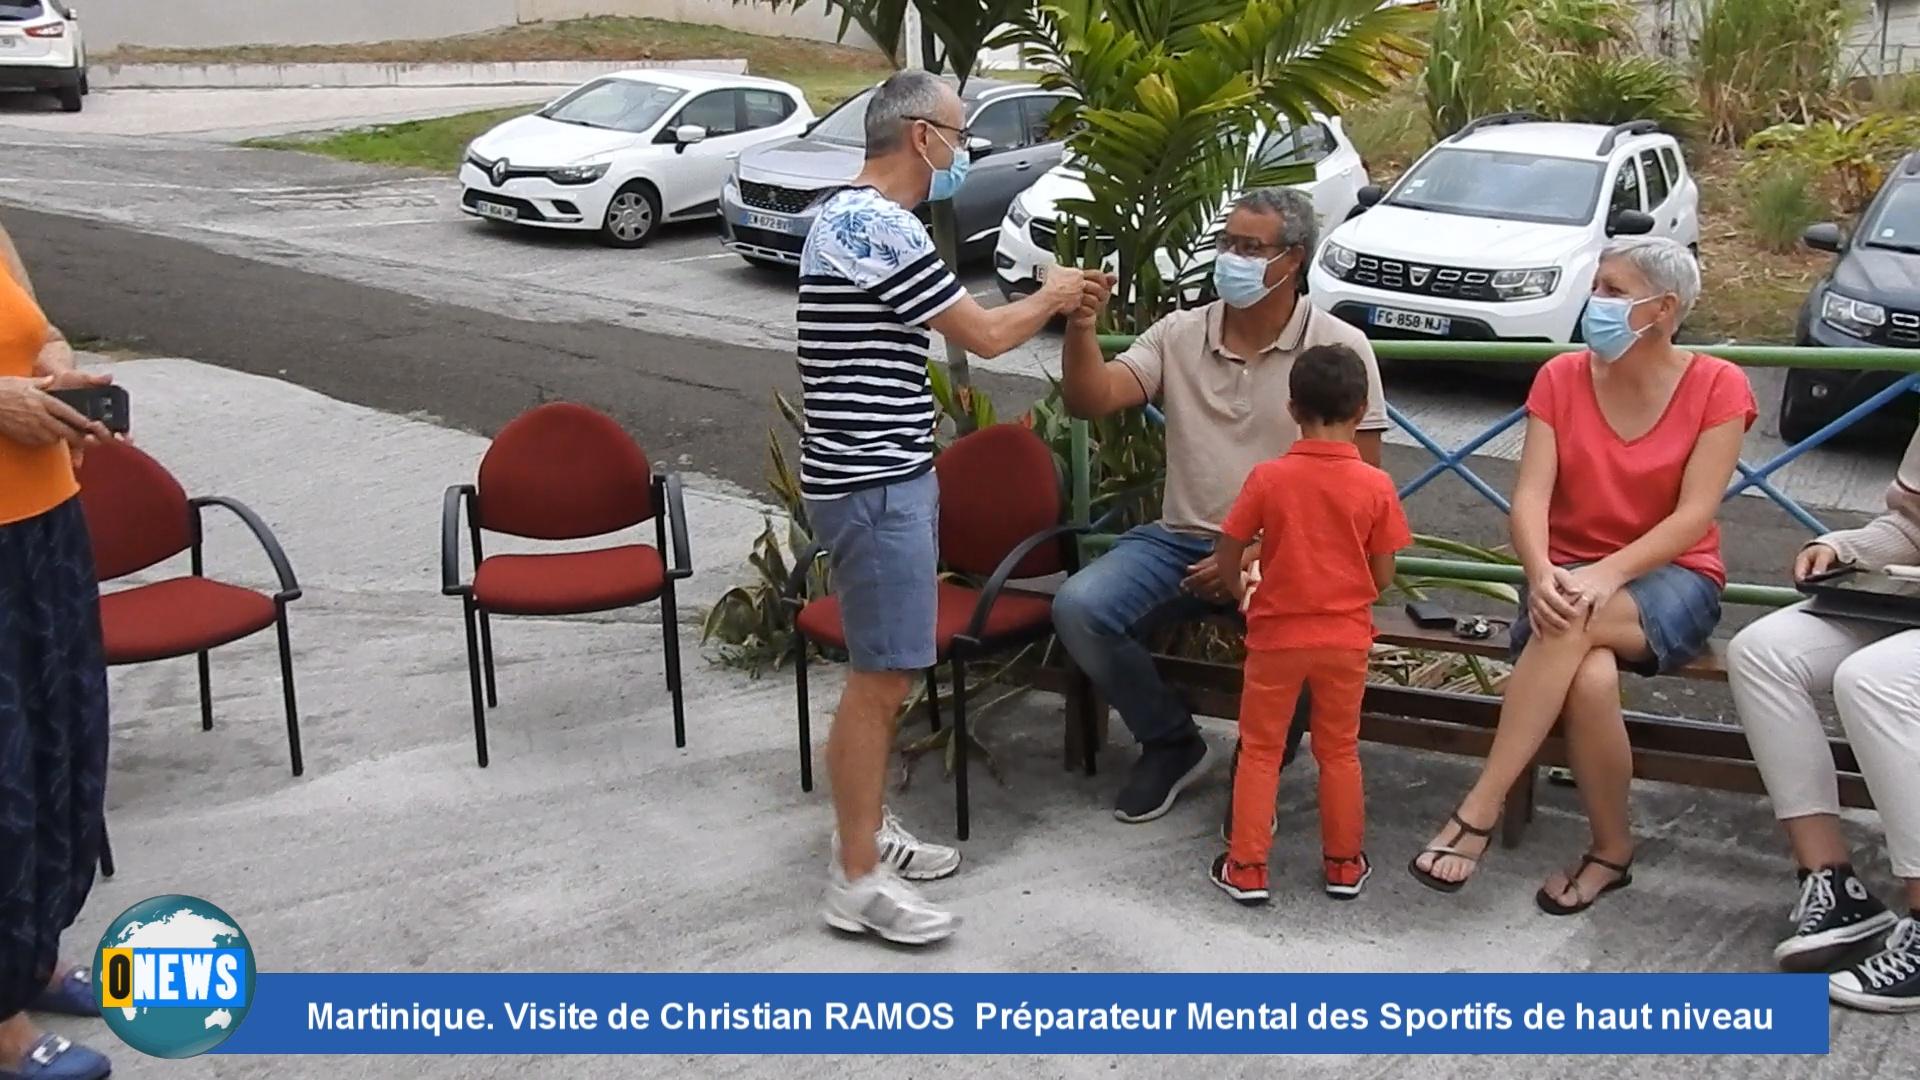 [Vidéo] Onews Martinique. Visite de Christian RAMOS Préparateur Mental des Sportifs de haut niveau